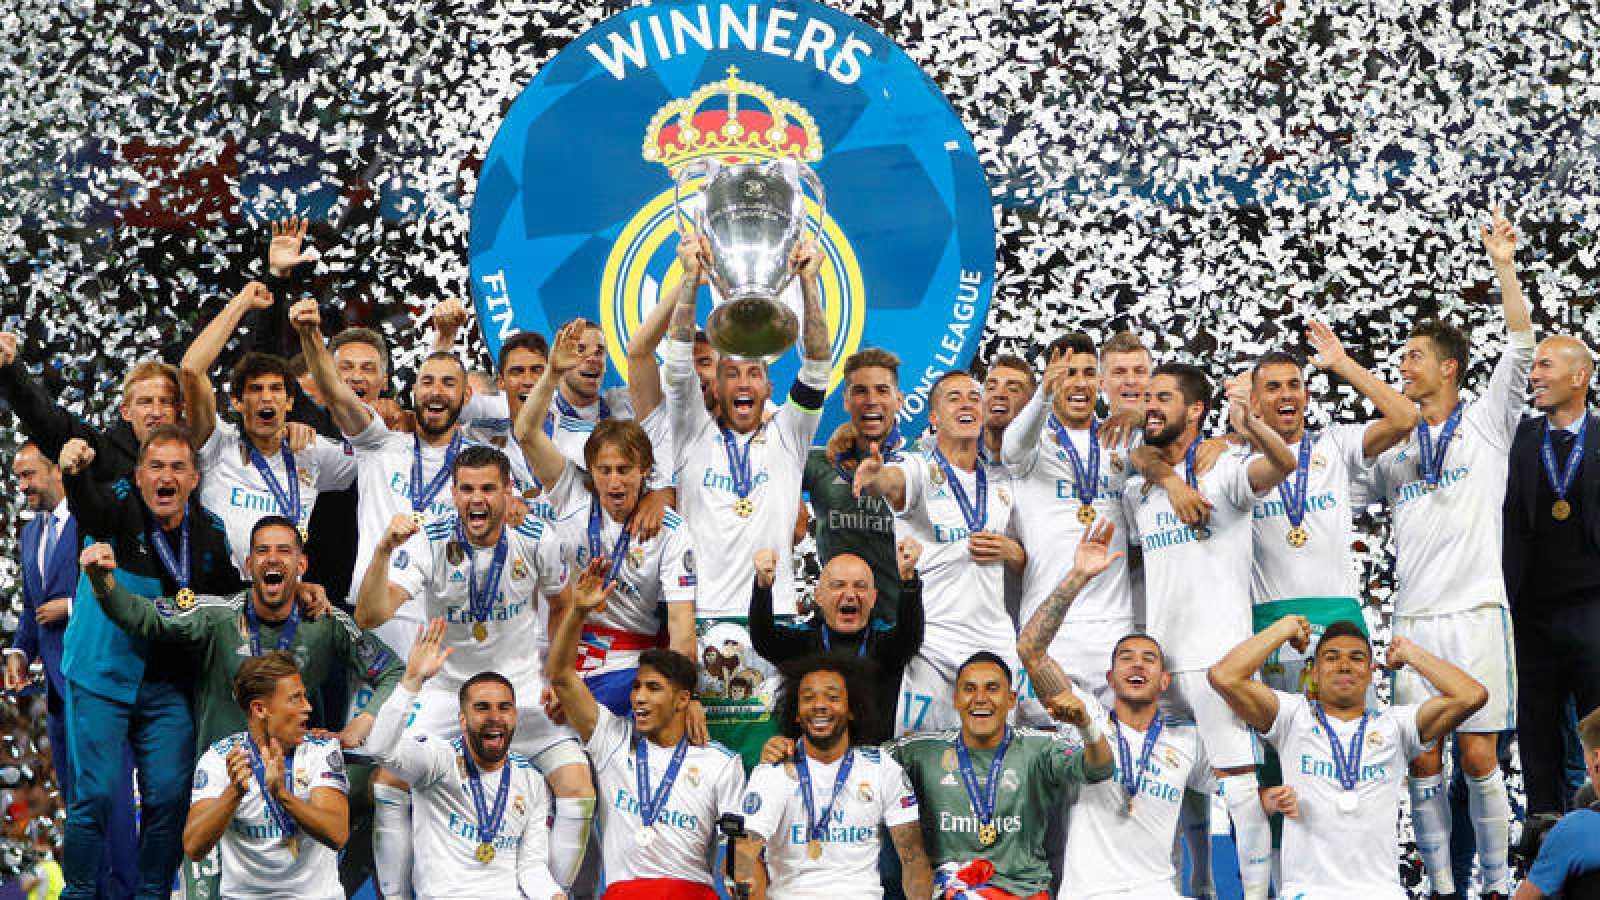 El tercer título consecutivo del Real Madrid de Zidane le encumbra como uno de los mejores equipos de la historia. Gol de Bale para la eternidad.